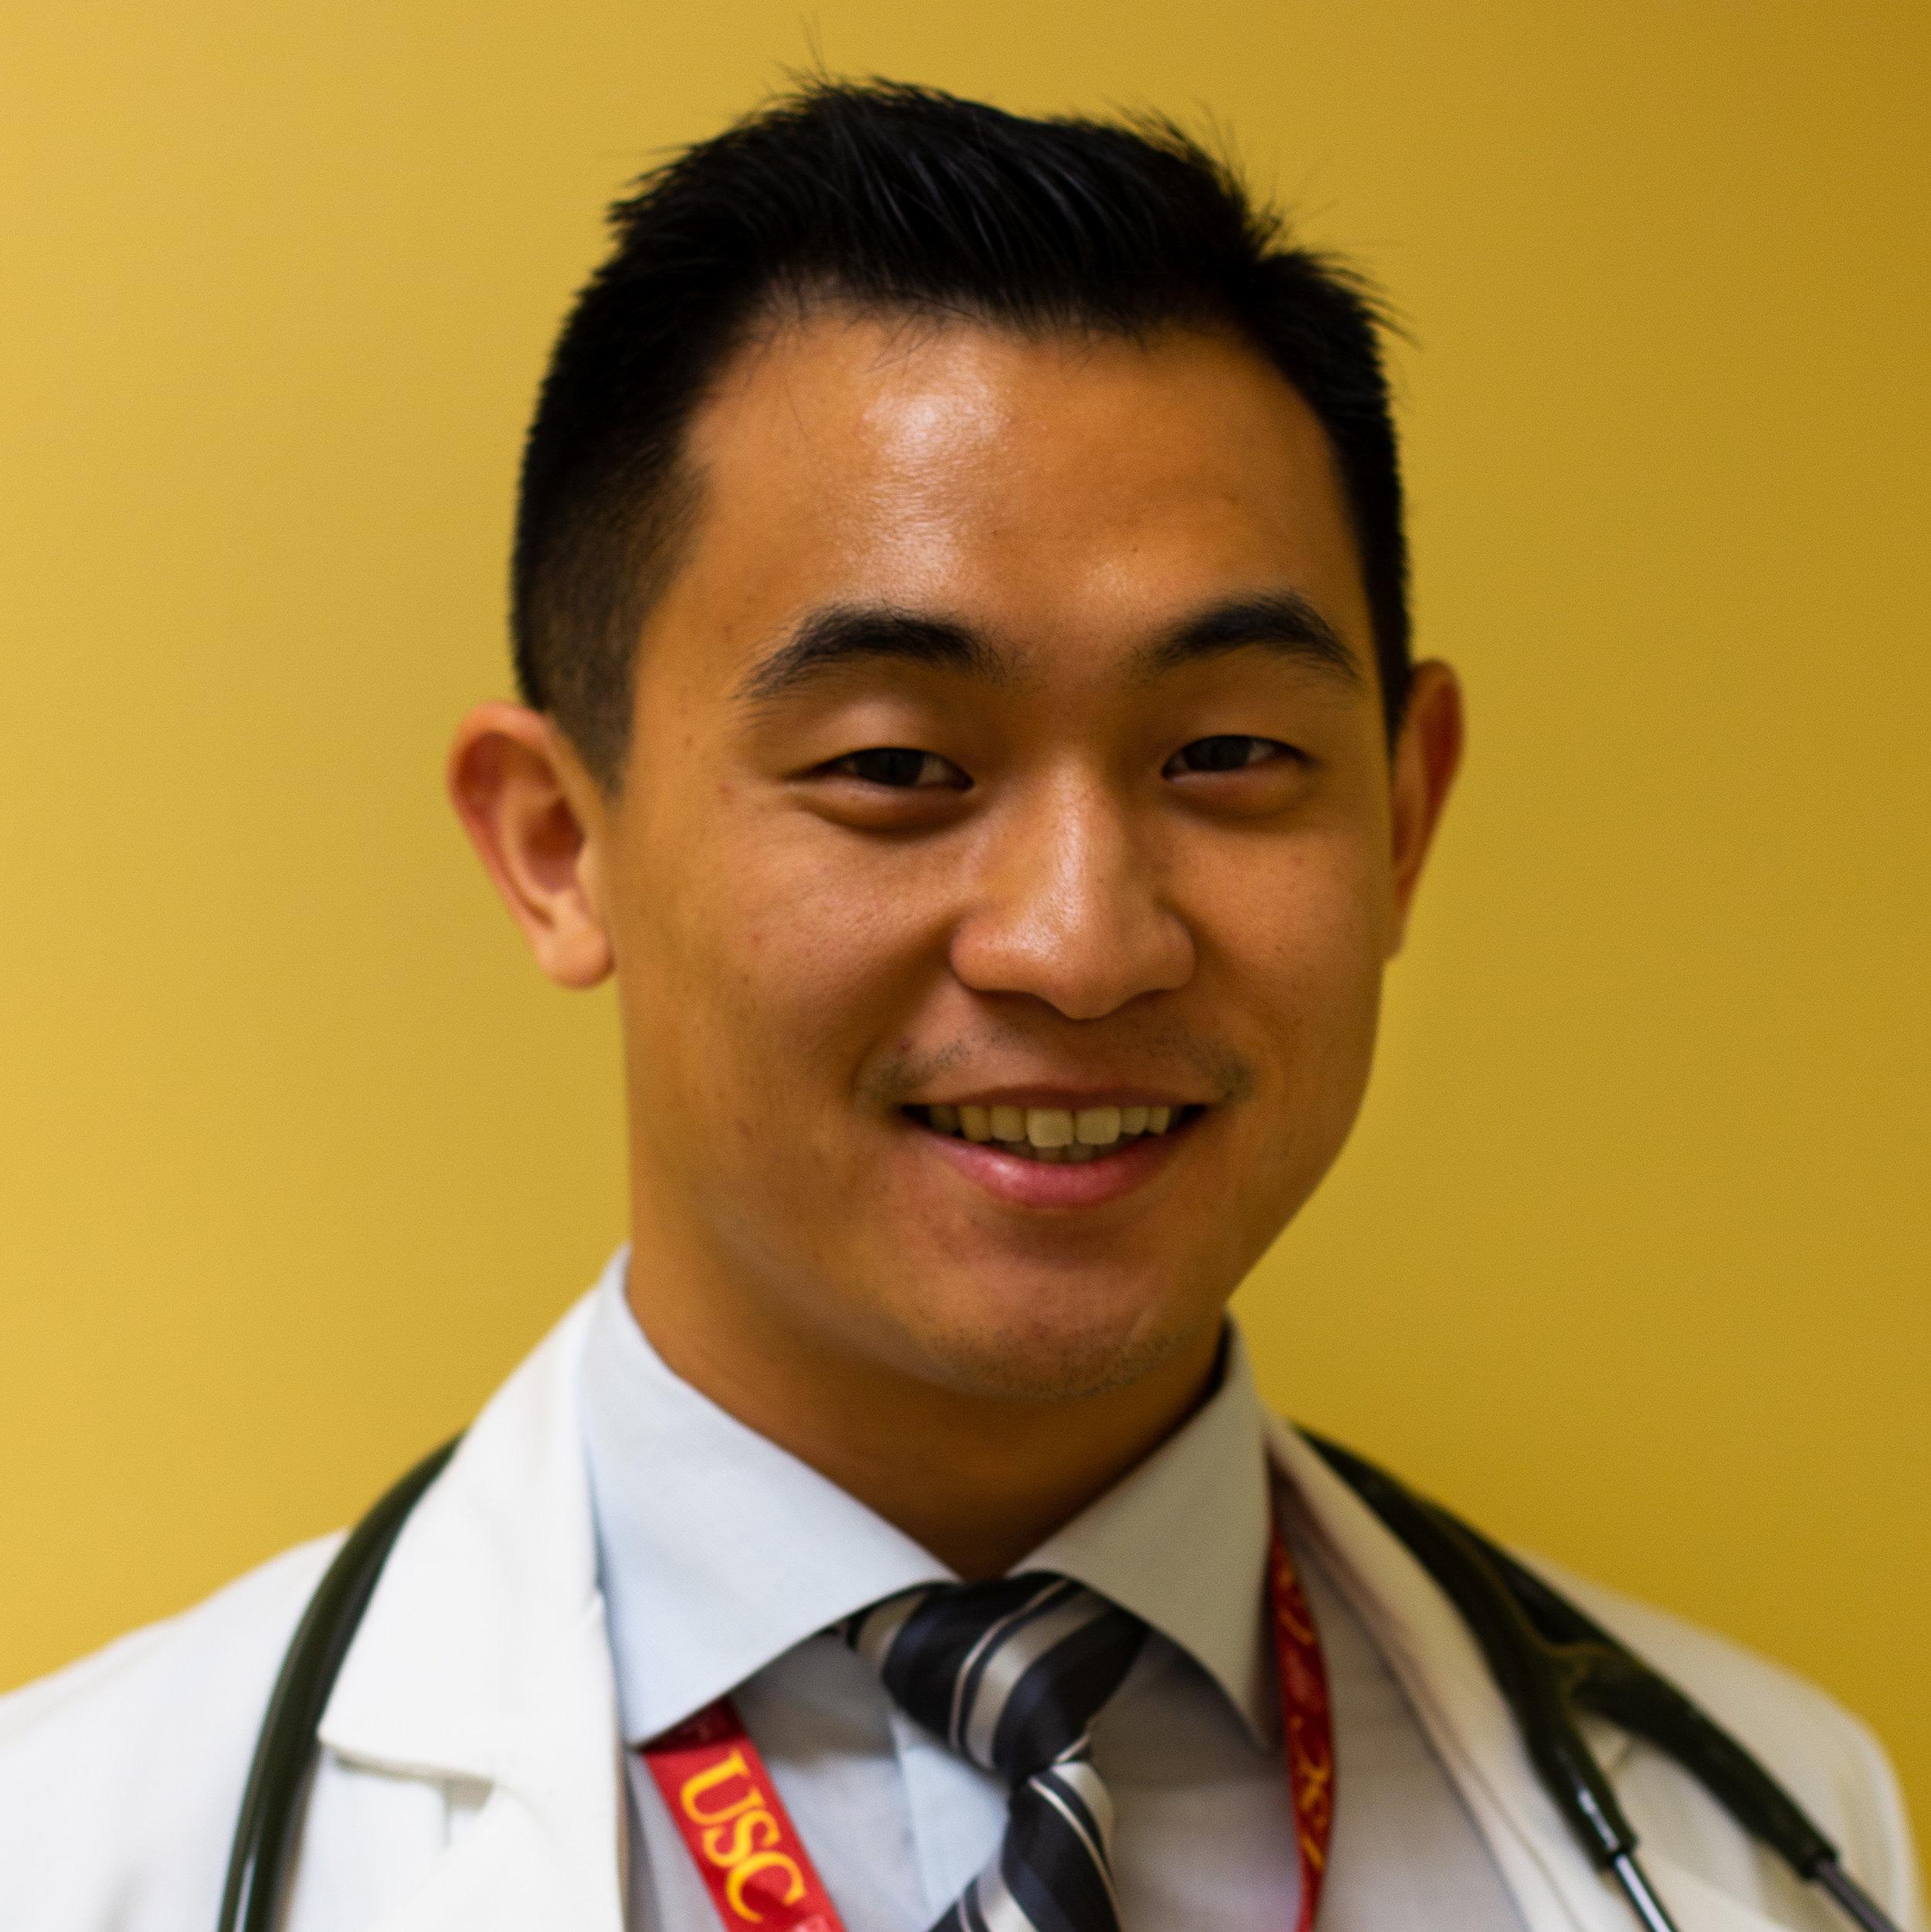 Copy of Patrick Chang, MD<br>Tulane